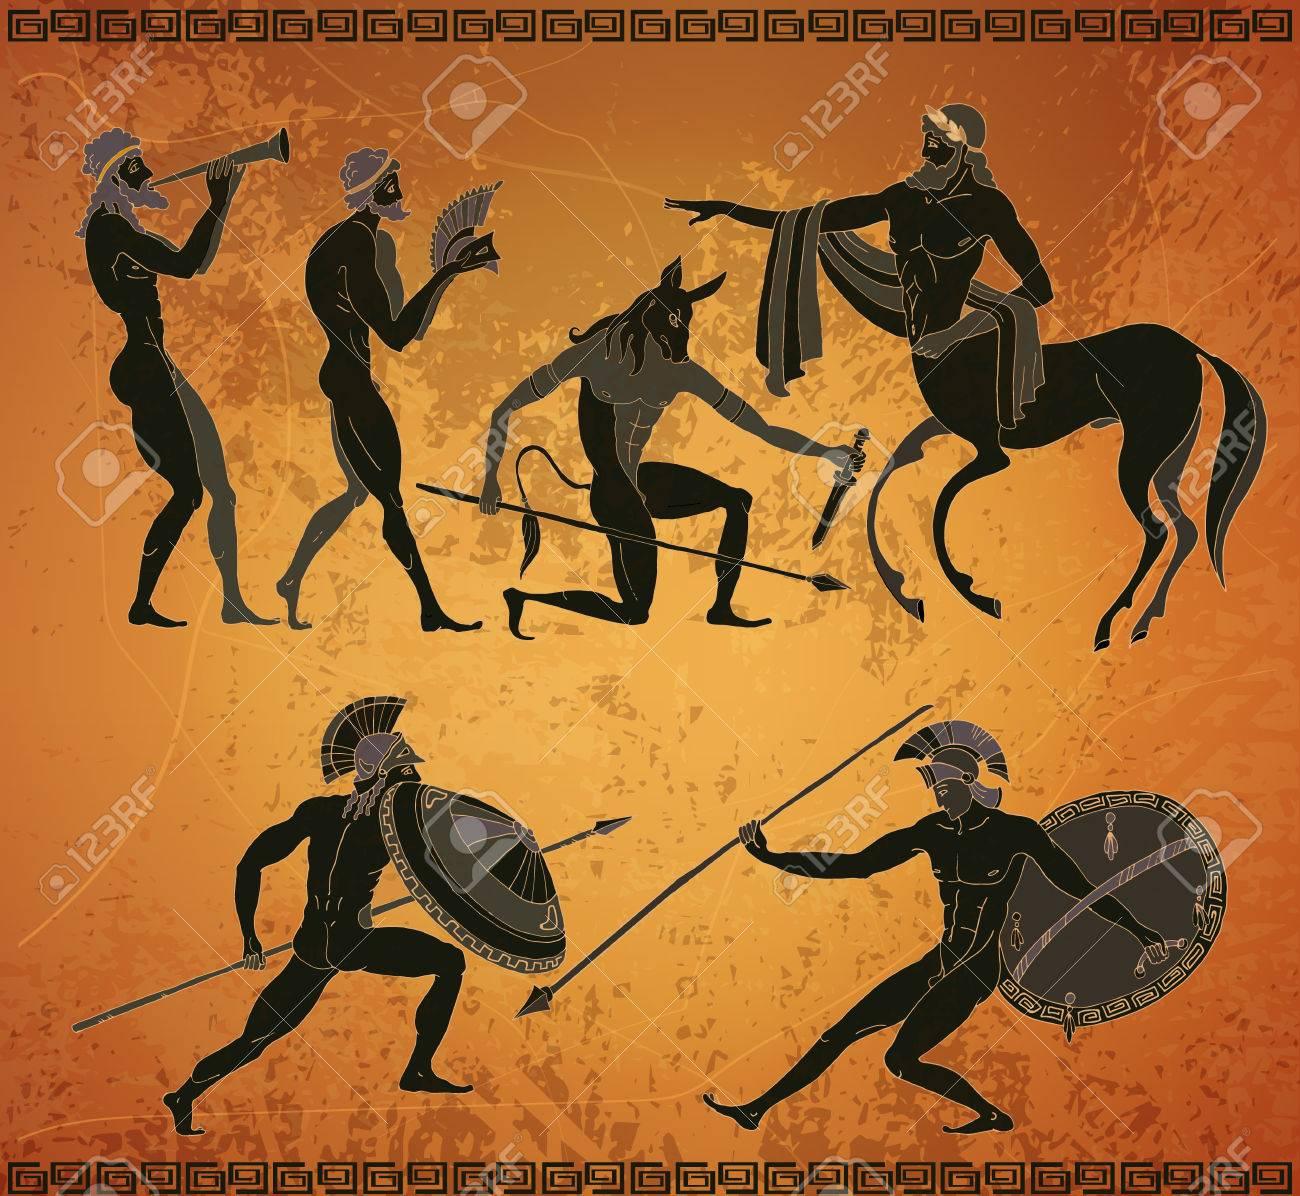 Griechisch aussehende Menschen